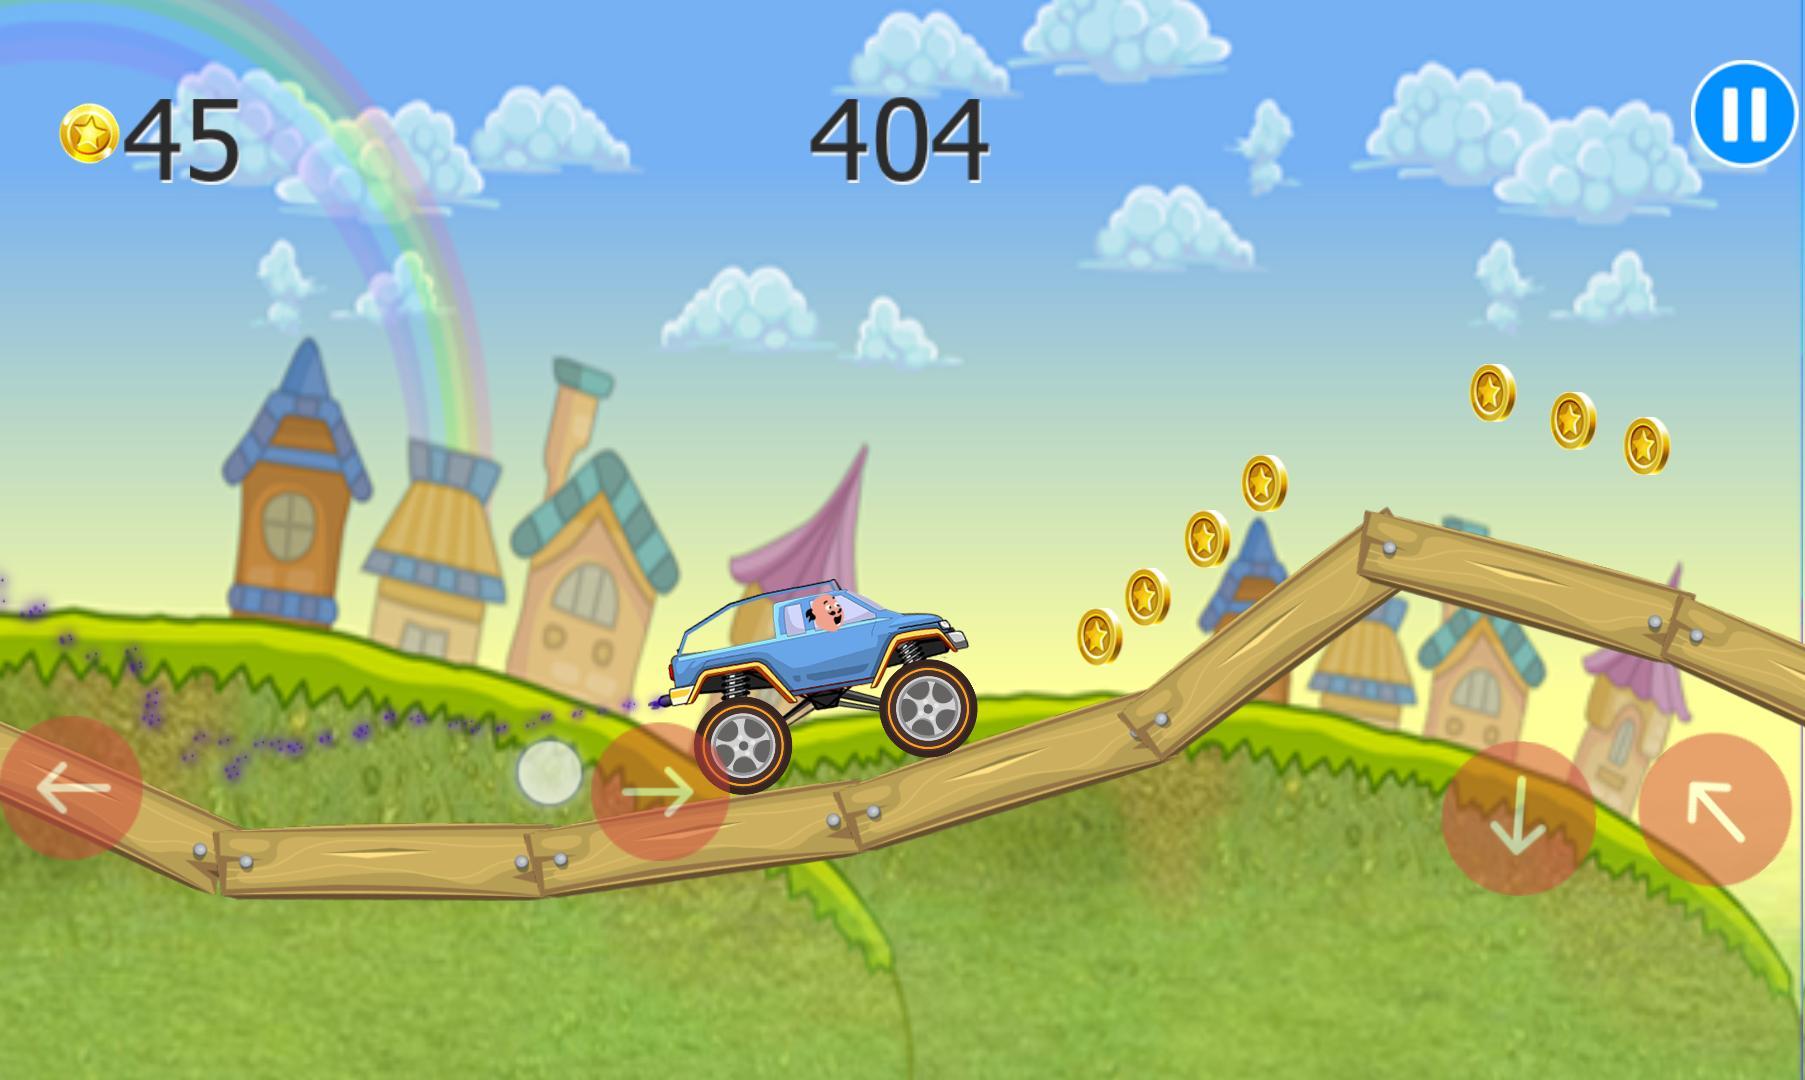 Motu Racing: Hill climb truck race patlu 10 screenshot 2